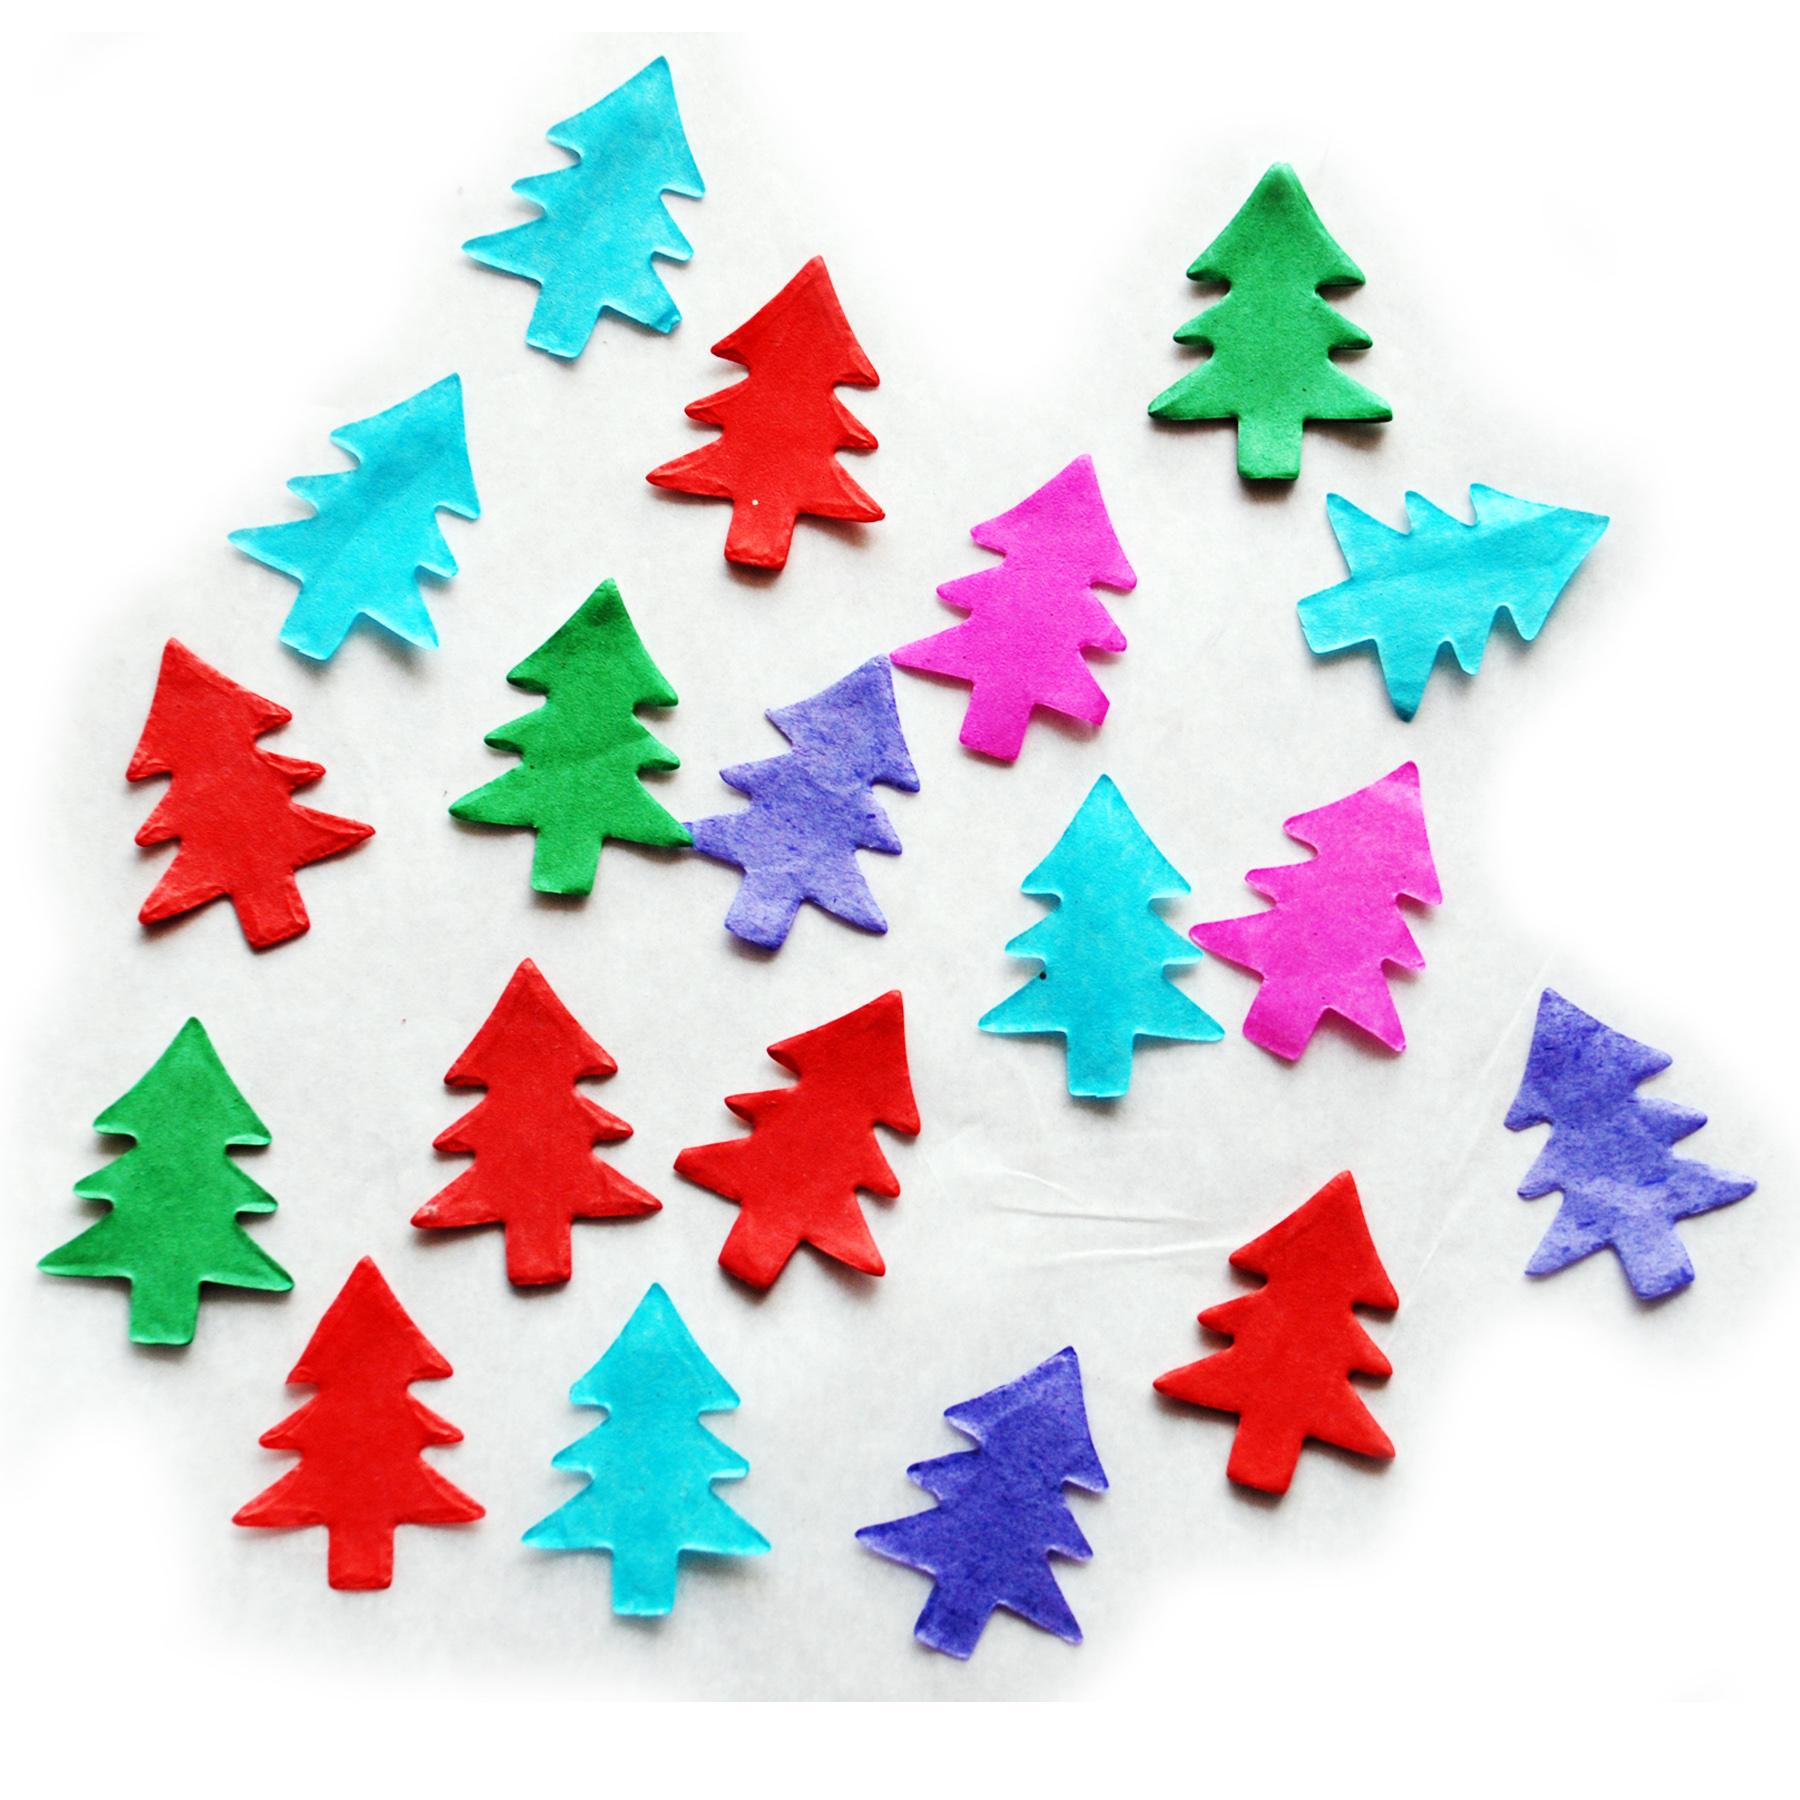 Flame Retardant Christmas Tree Shaped Colorful Paper Confetti_Confetti_T & B Promos LLC